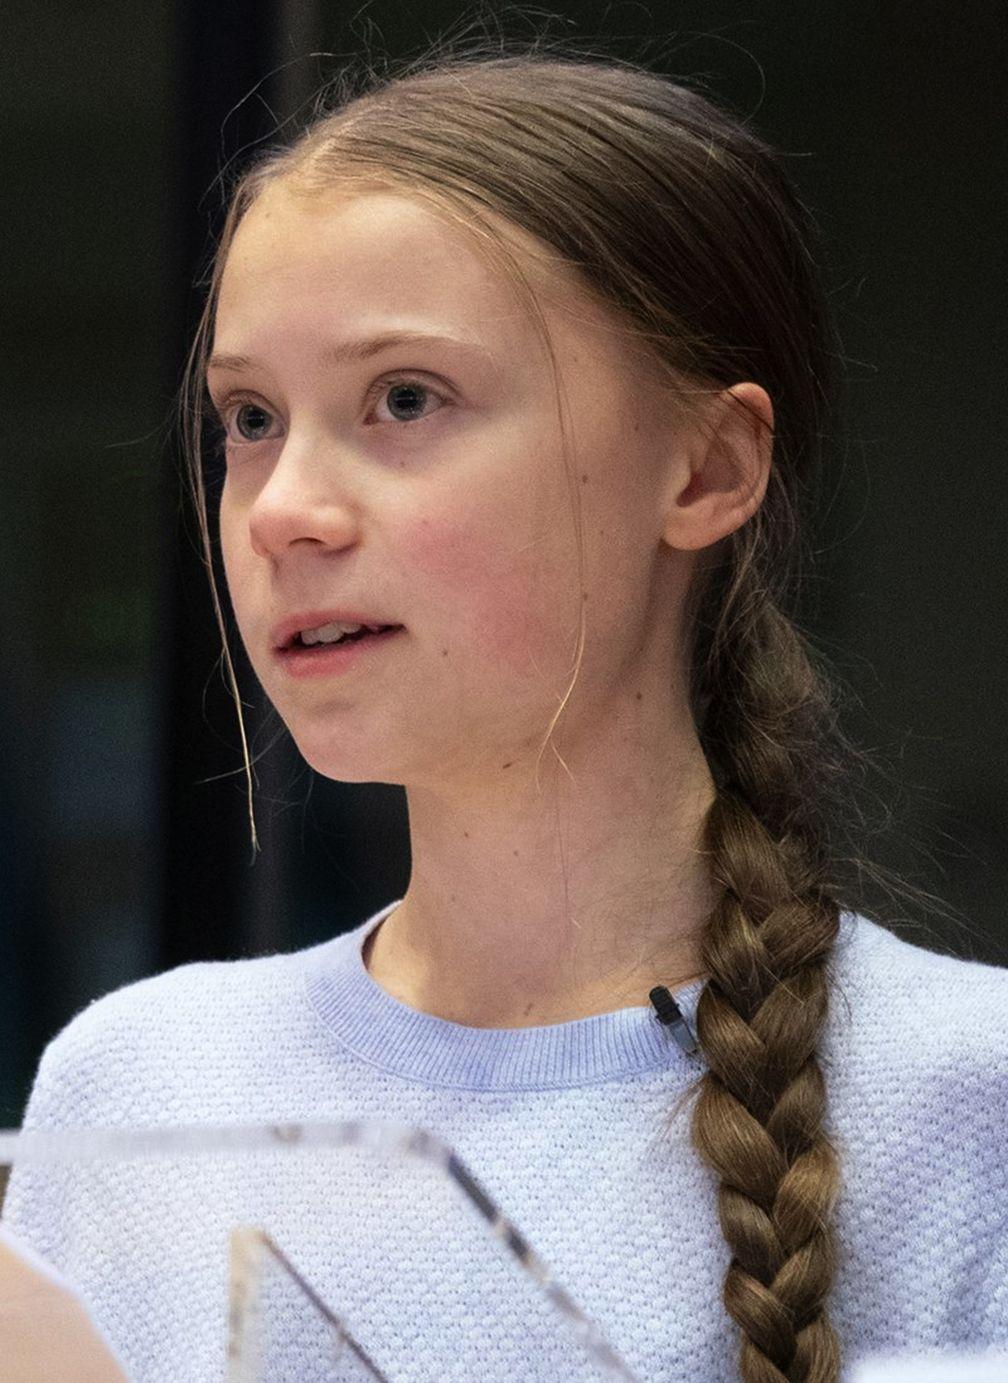 Greta Thunberg bei einer Sitzung des Umweltausschusses des Europäischen Parlaments in Brüssel (4. März 2020)